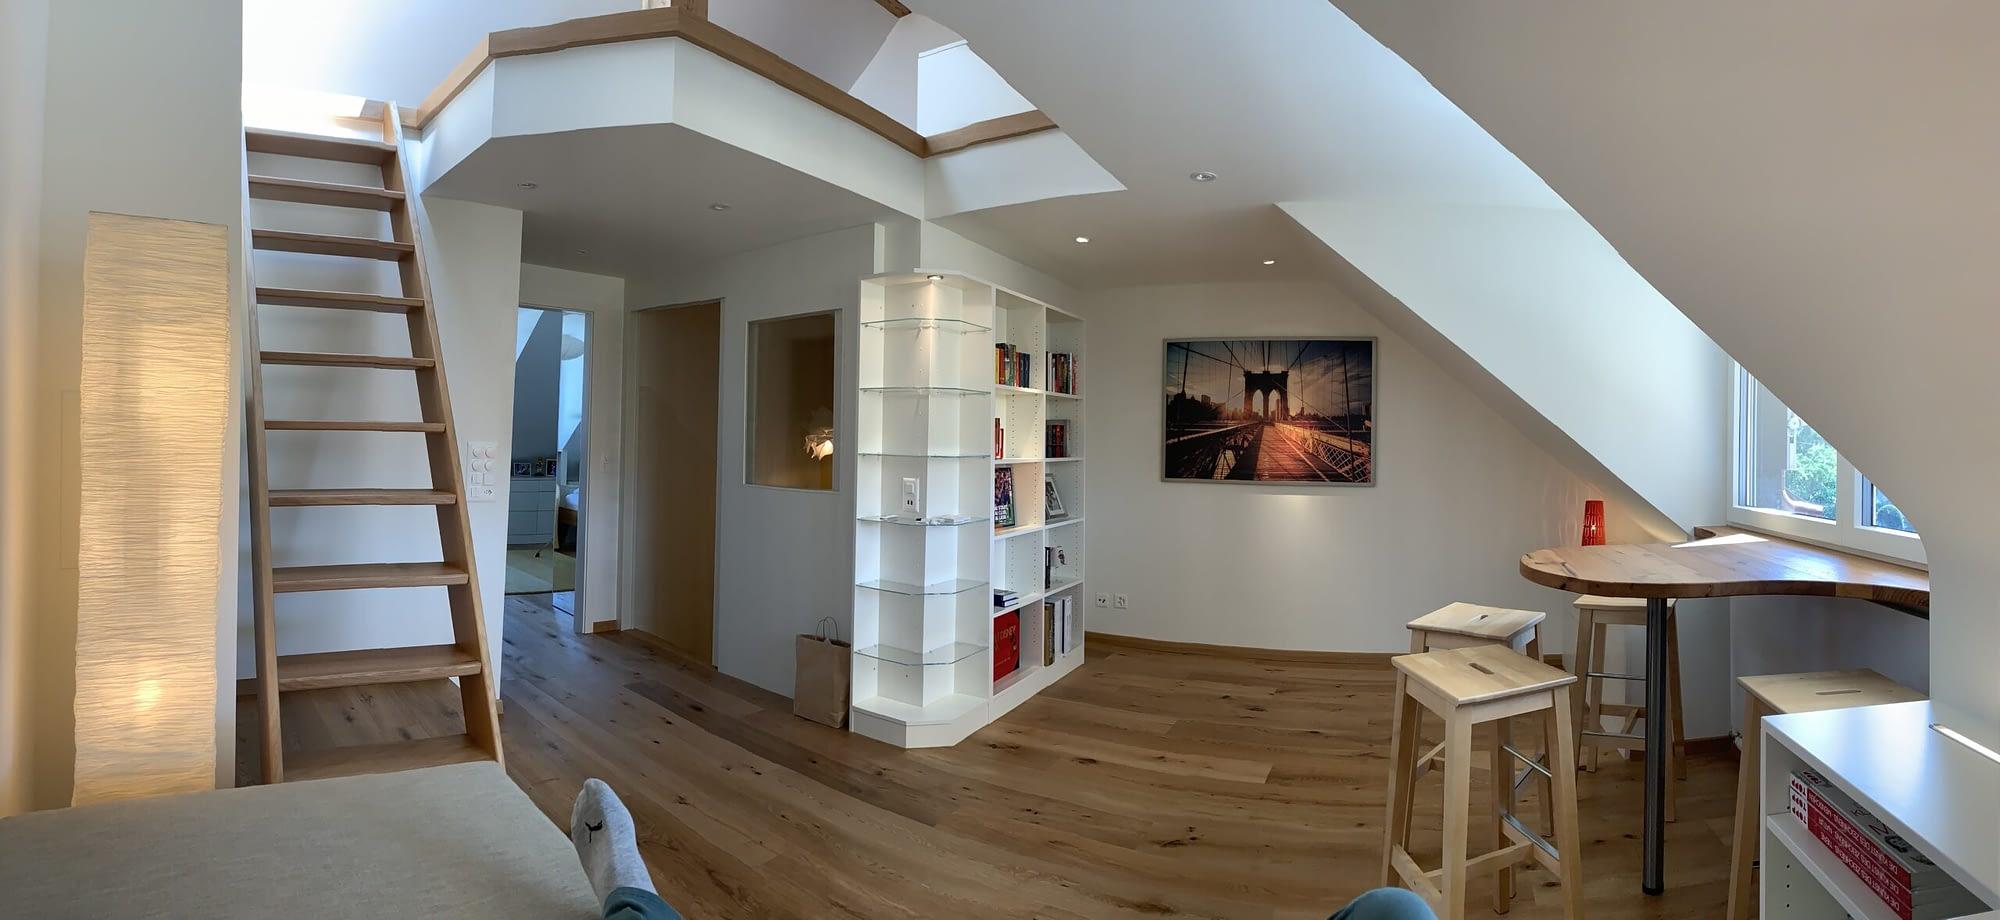 Umbau eines Wohnbereiches. Es gibt sehr viel Holz zu sehen. Der gesamte Boden, die Leiter sowie die Möbel sind aus Holz